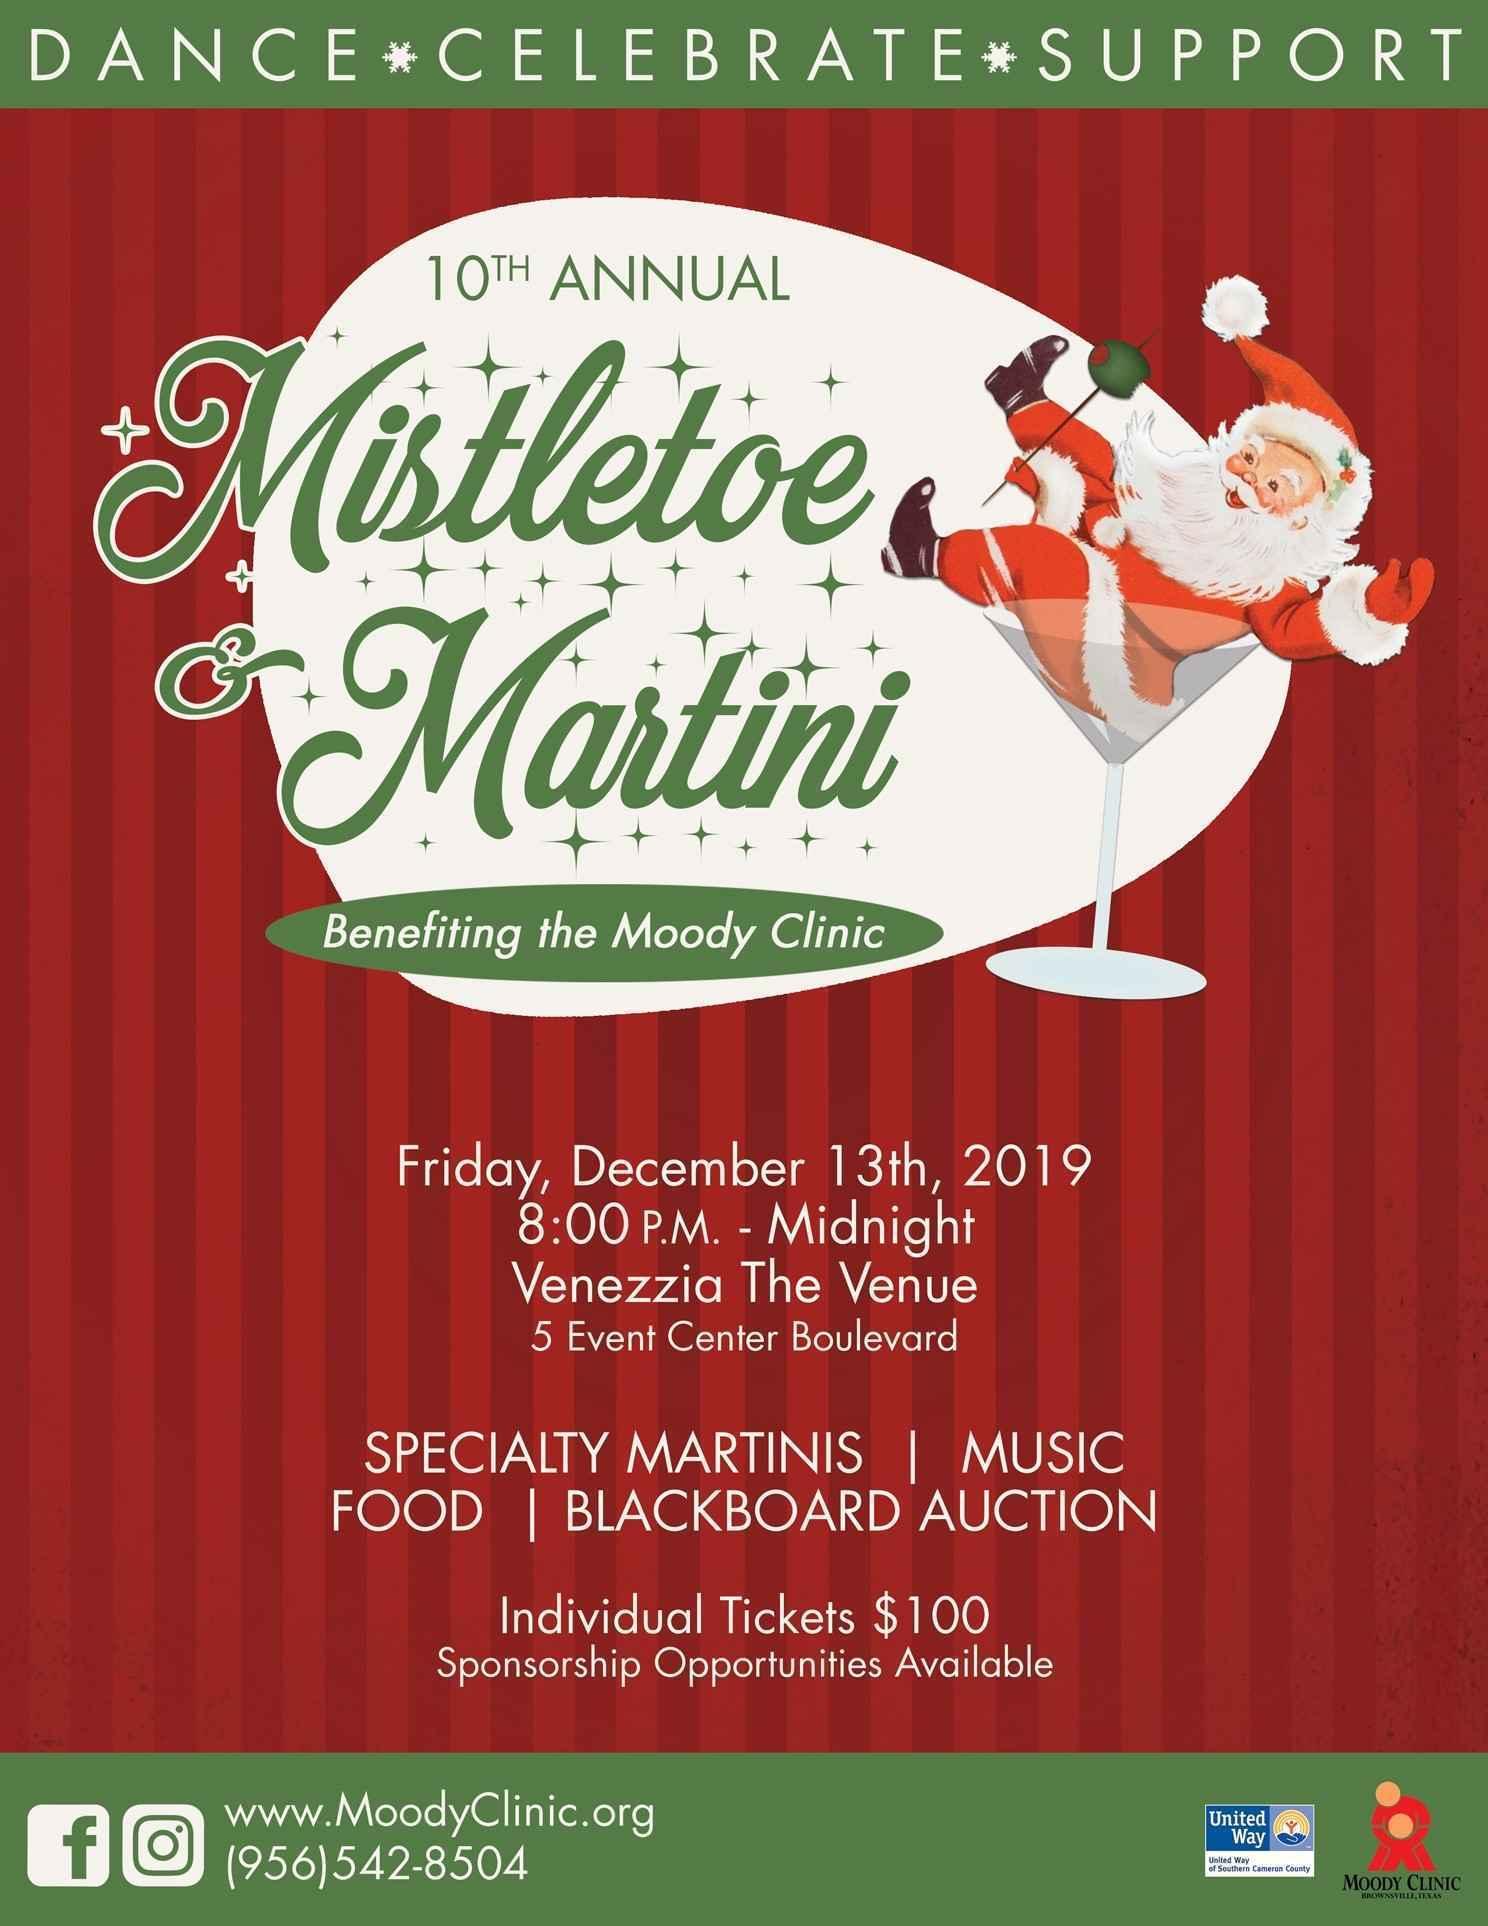 Mistletoe & Martini  image